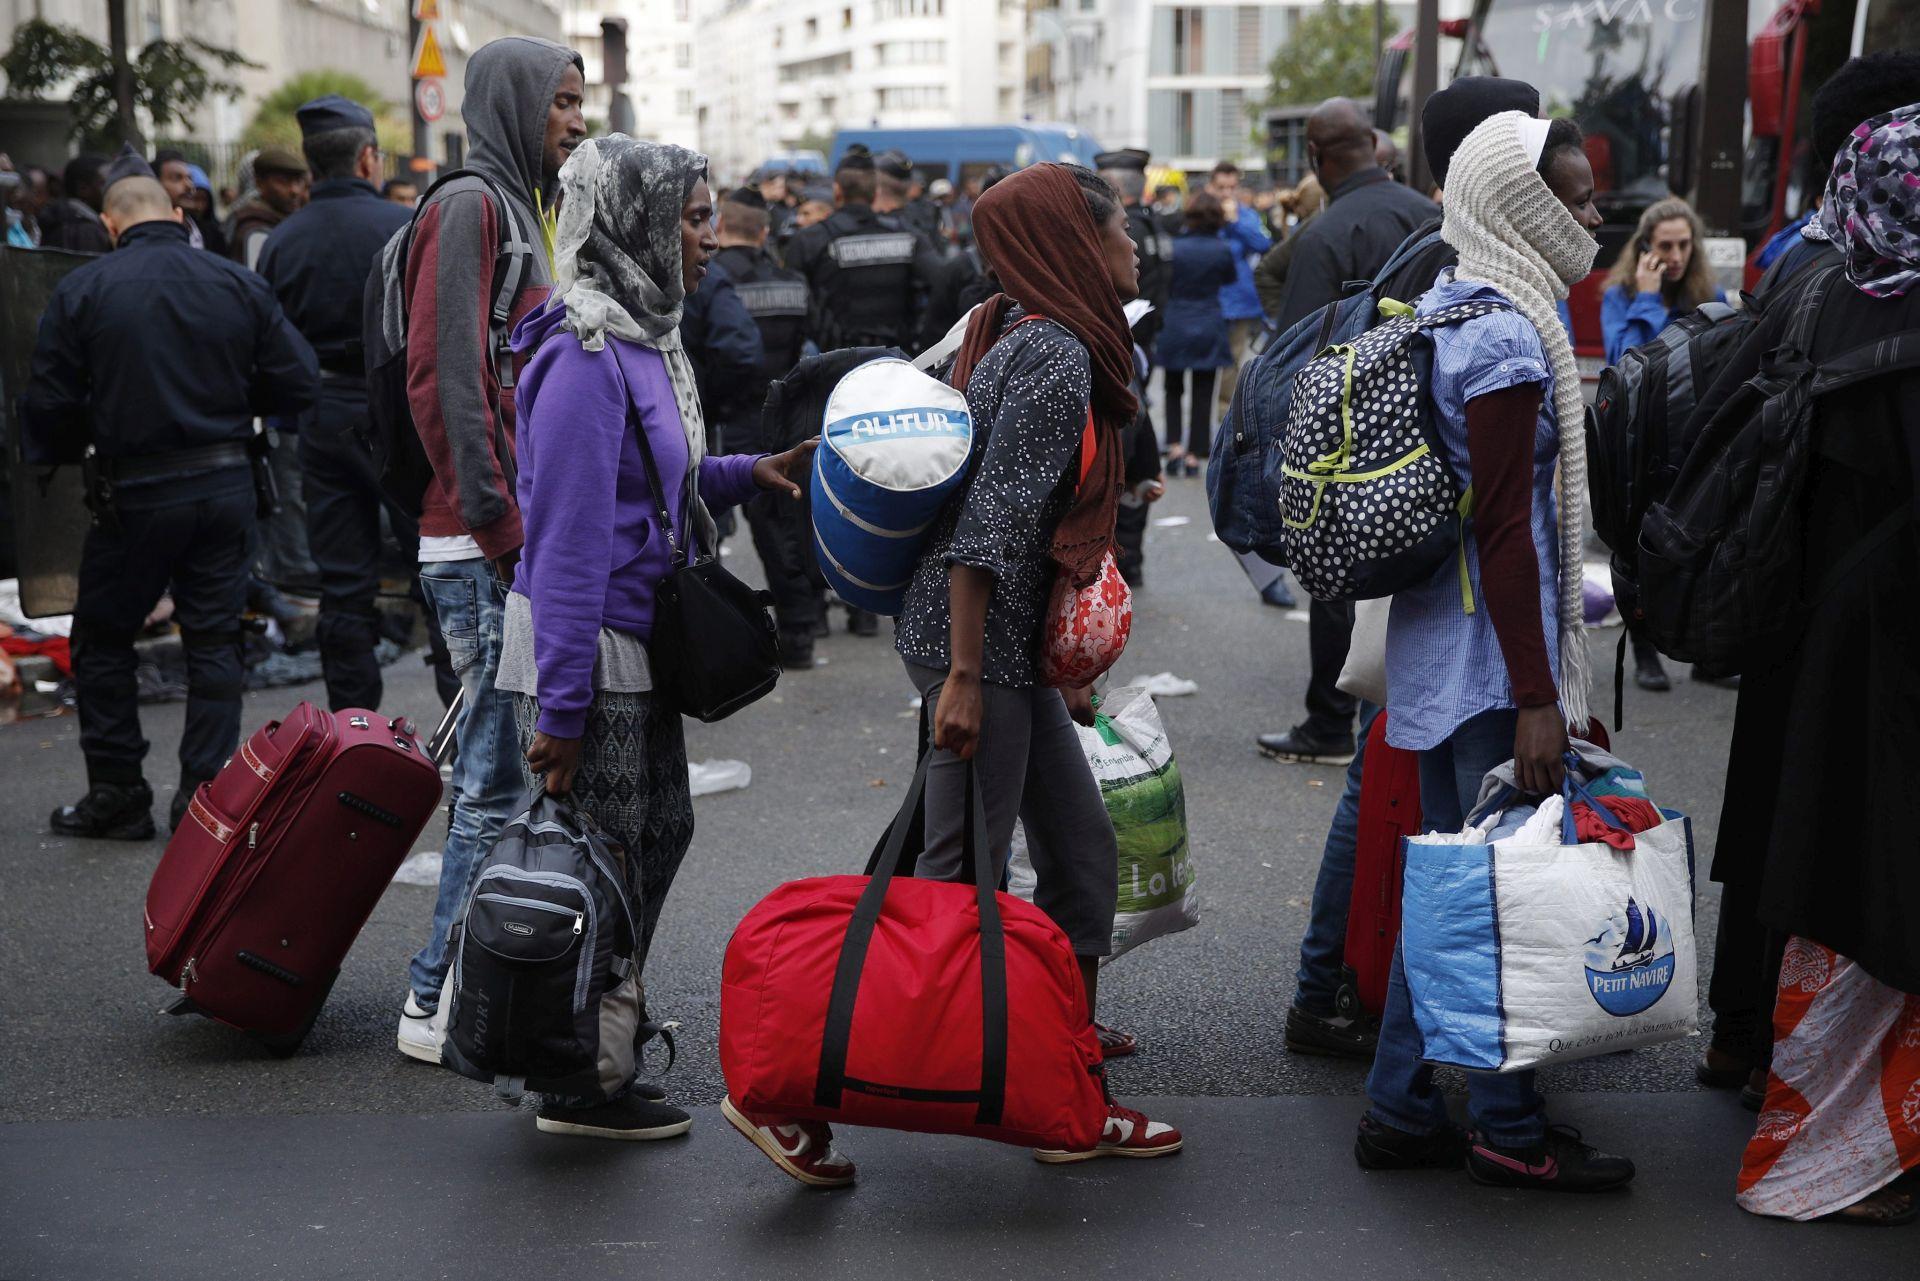 ZAPOČELA EVAKUACIJA: Premještanje najmanje 1500 migranata iz kampa u Parizu